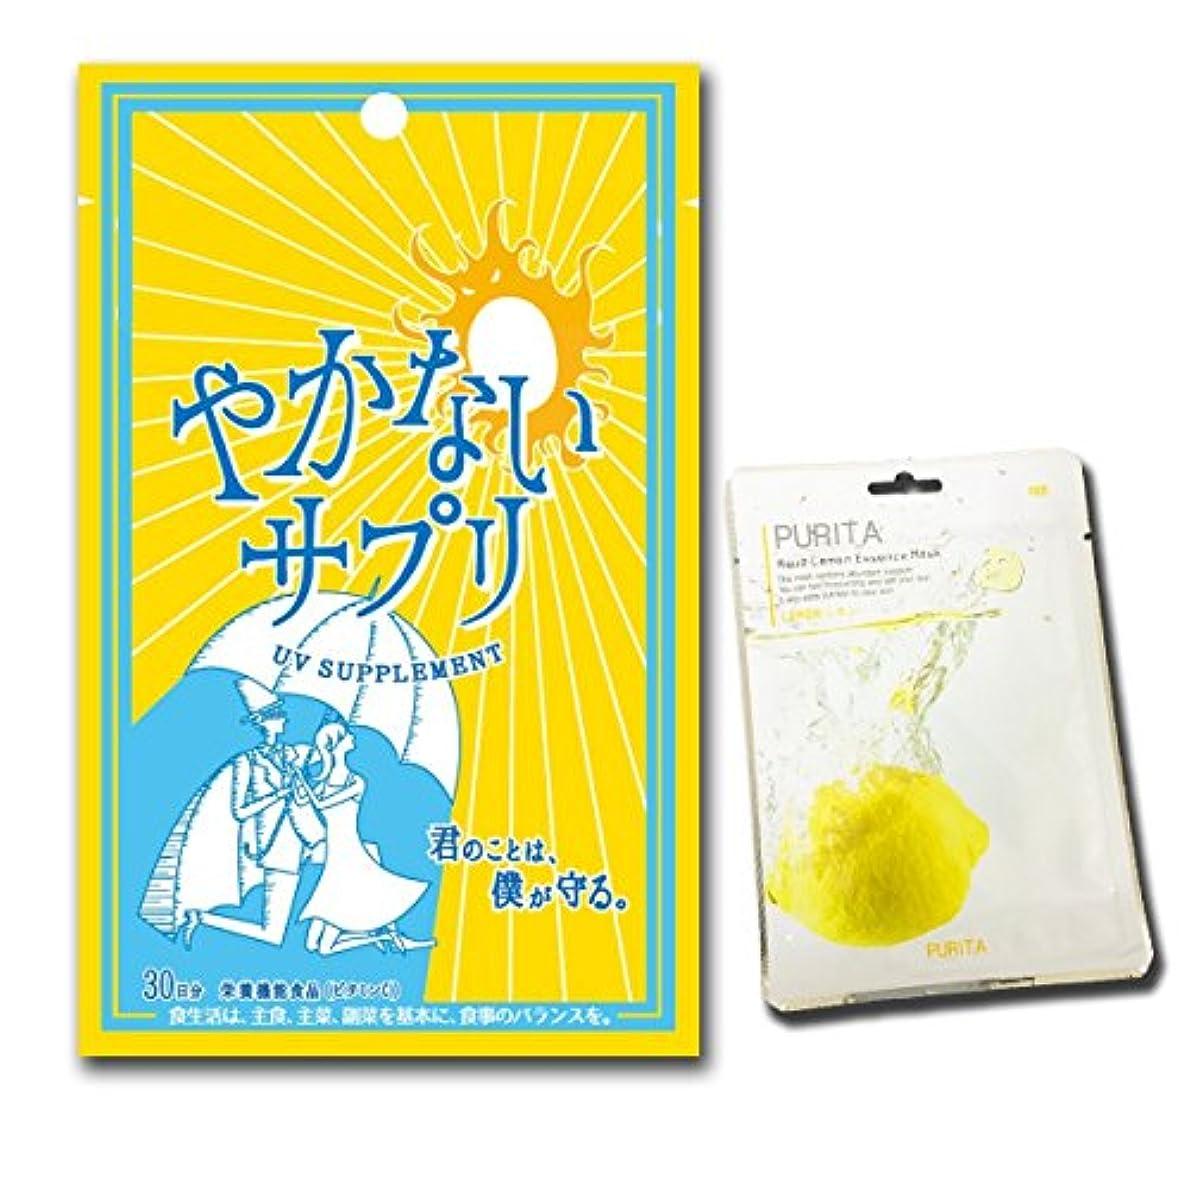 前提条件つまずく床飲む日焼け止め やかないサプリ 日本製 (30粒/30日分) PURITAフェイスマスク1枚付